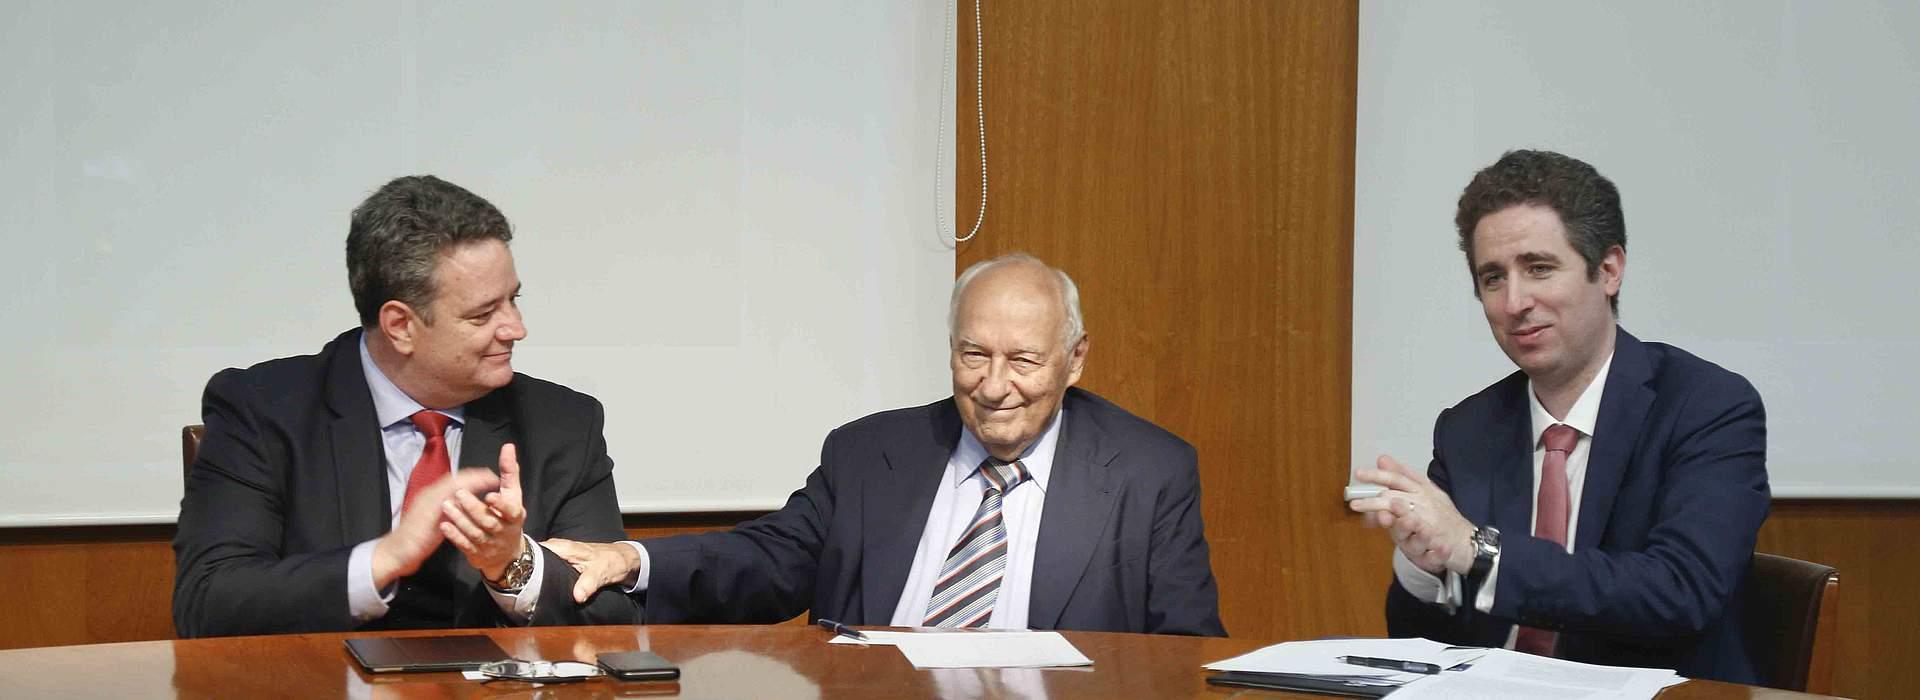 Inauguração do Instituto Brasileiro de Direito e Religião